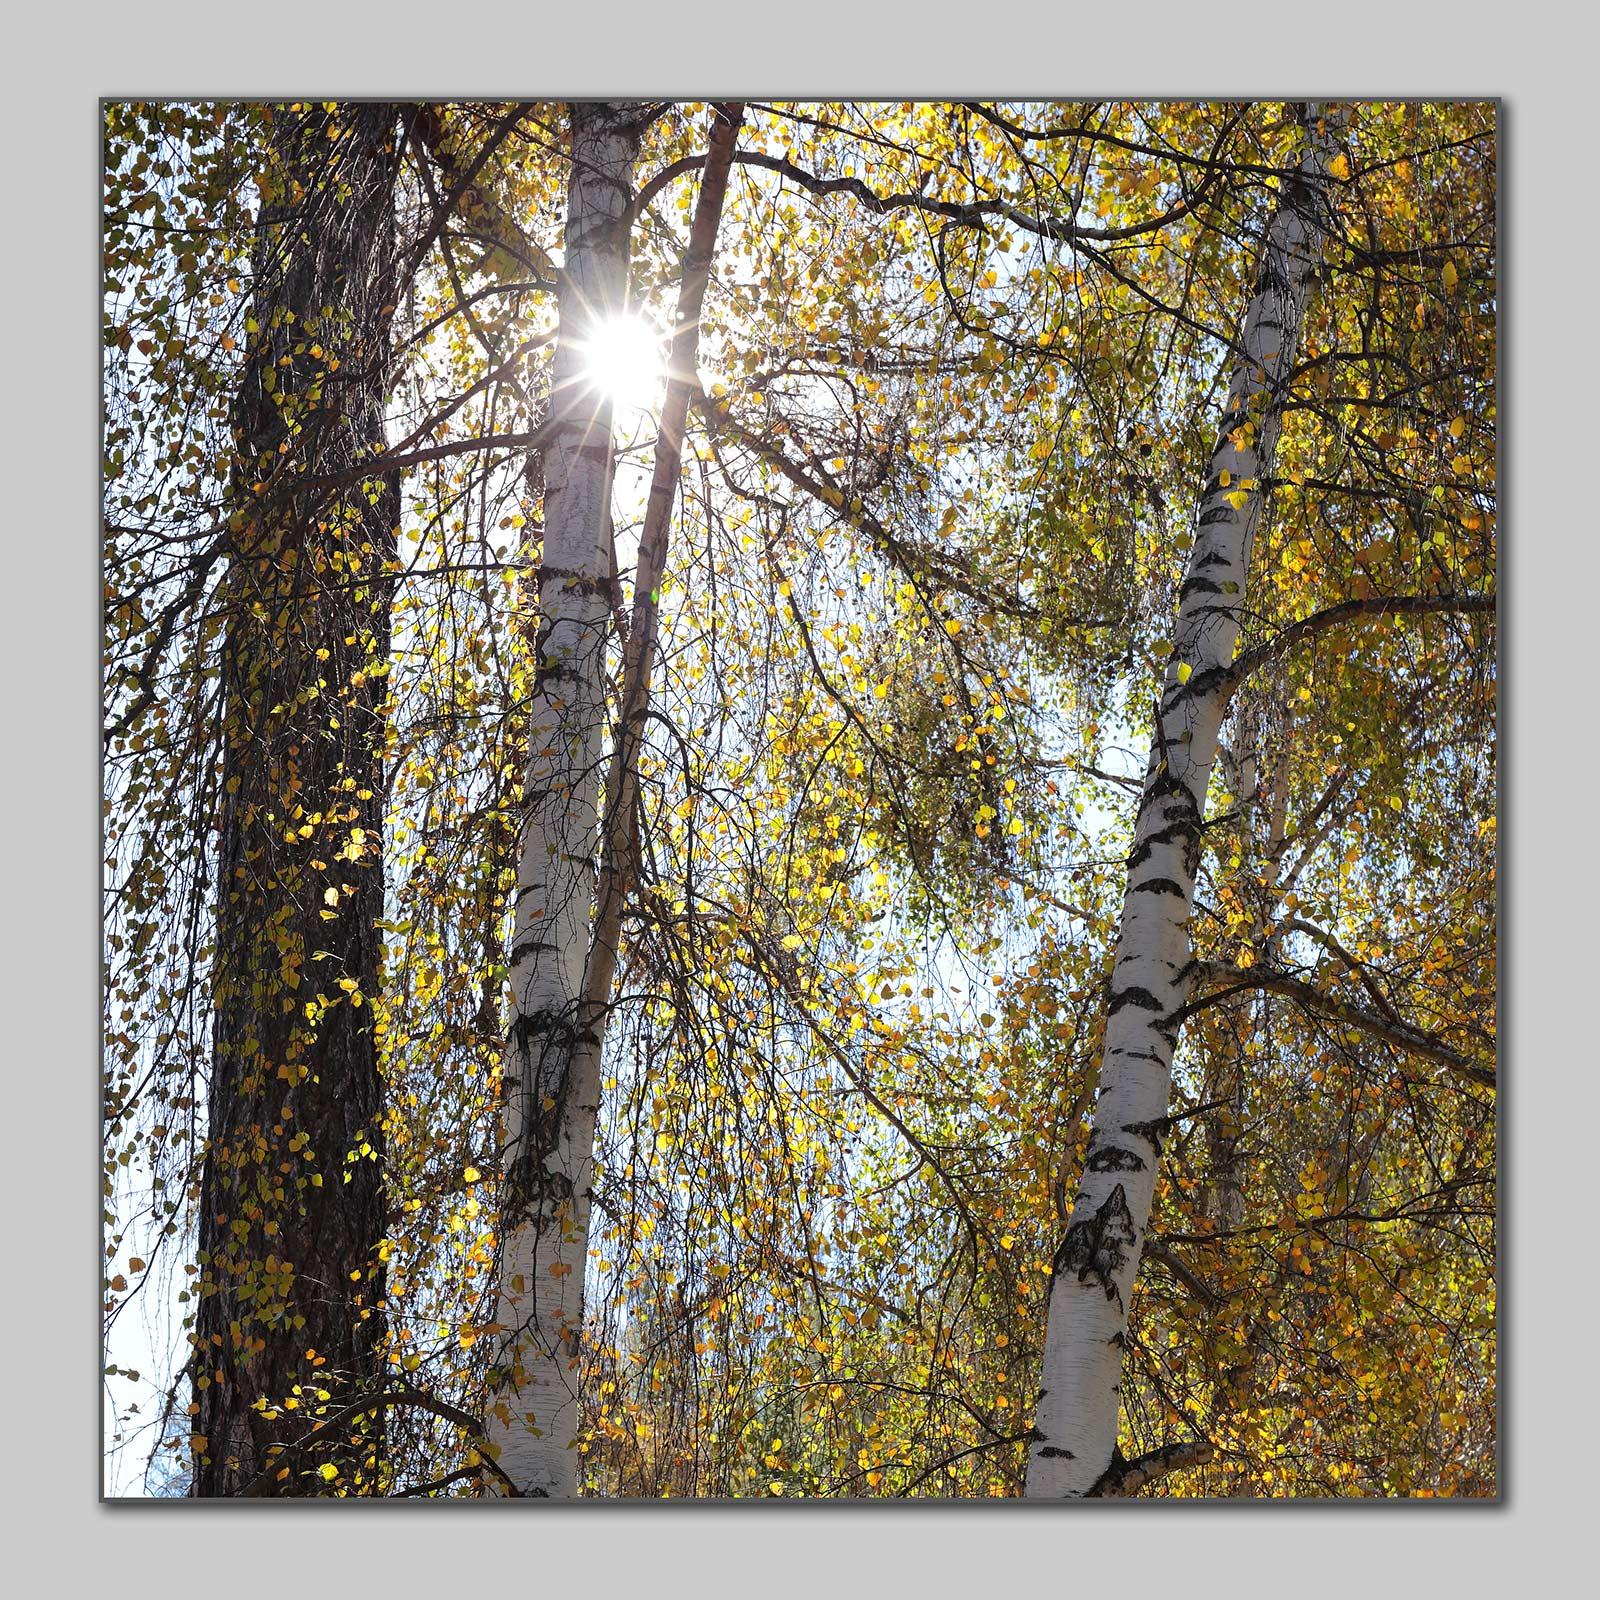 冰尘作品:树影婆娑